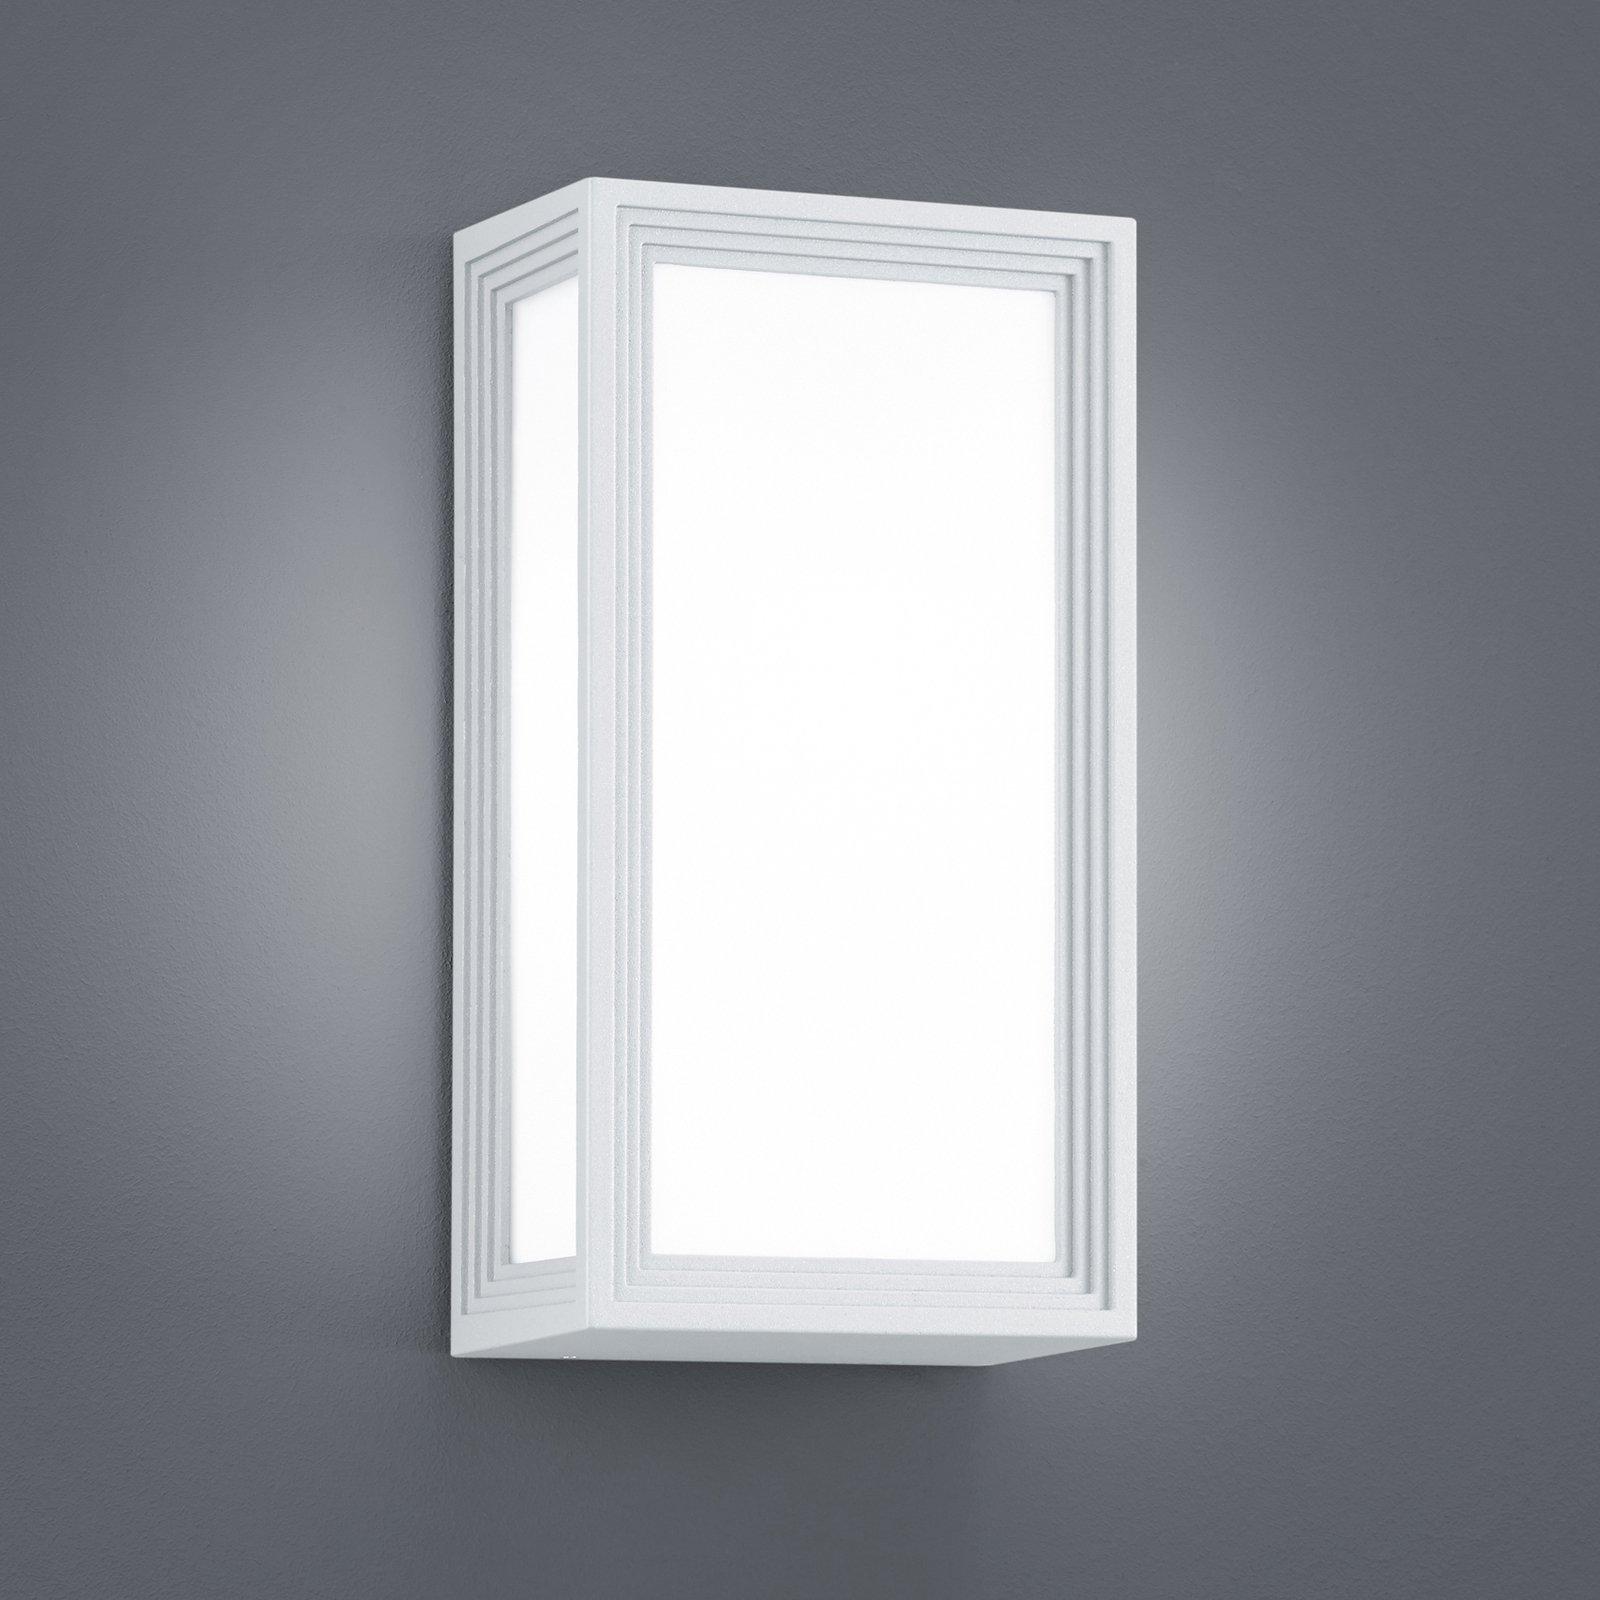 Utendørs LED-vegglampe Timok, hvit